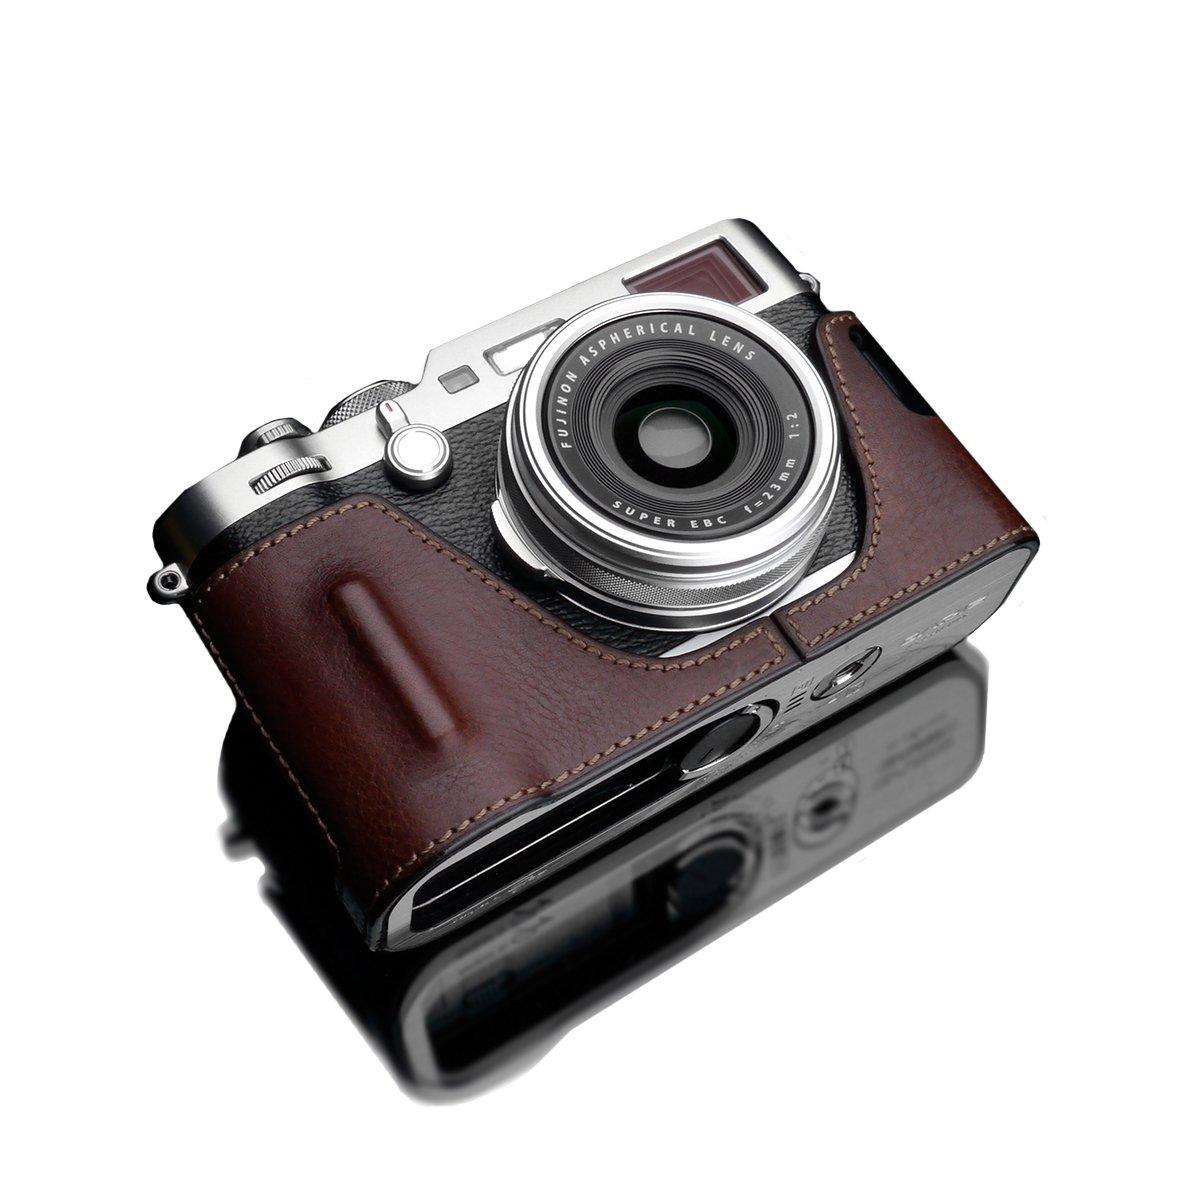 GARIZ FUJIFILM X100F用 本革カメラケース XS-CHX100FBR ブラウン  ブラウン B06Y5YK51N